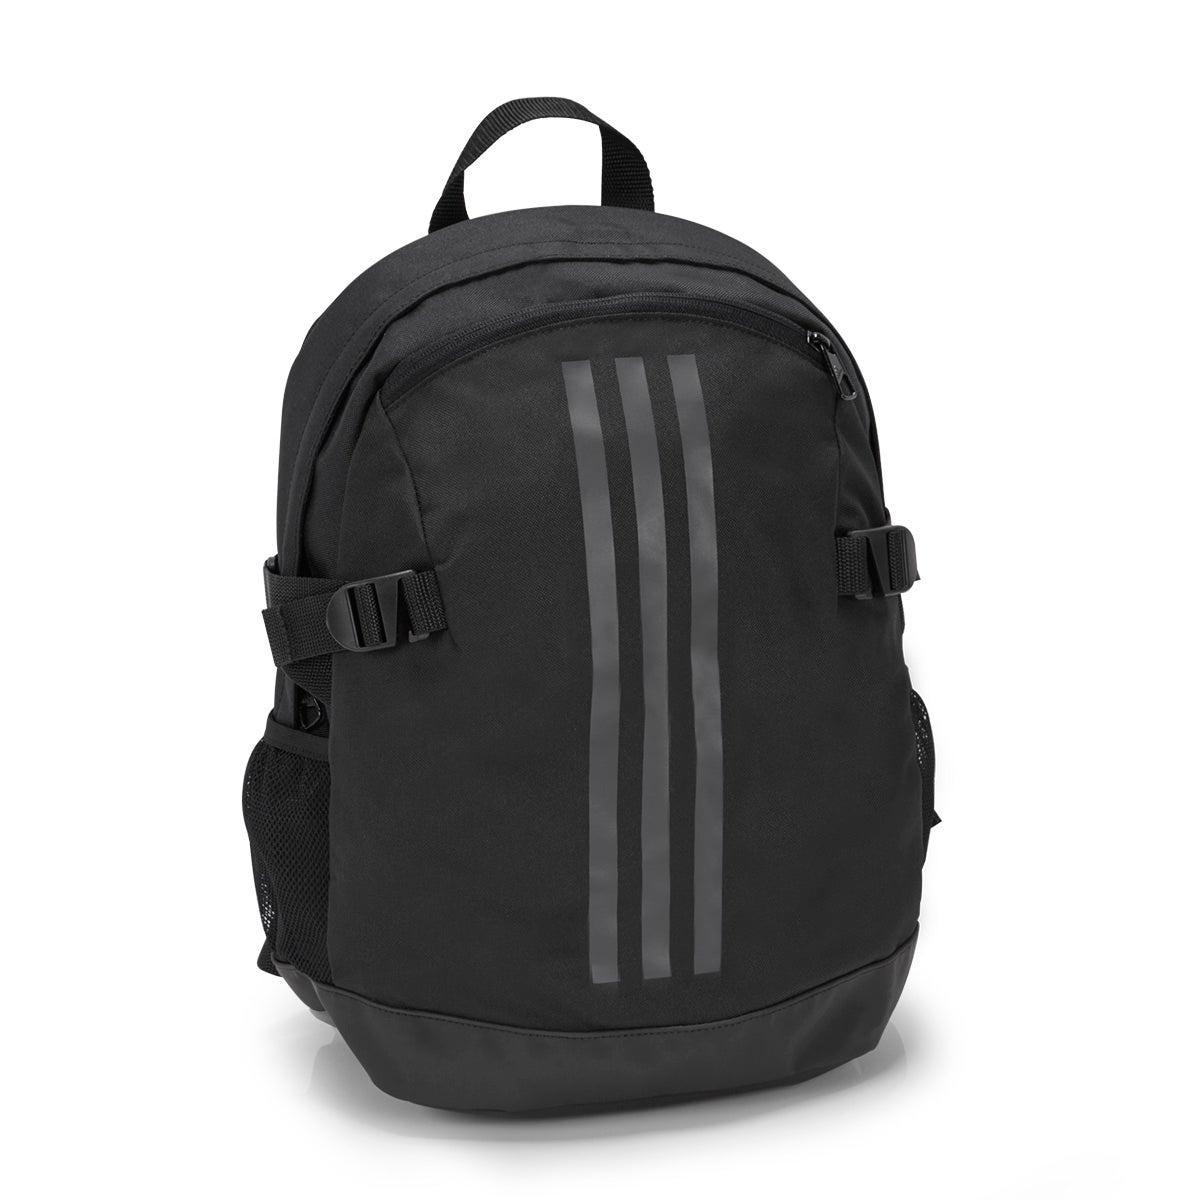 Unisex BP Power IV S MF black backpack